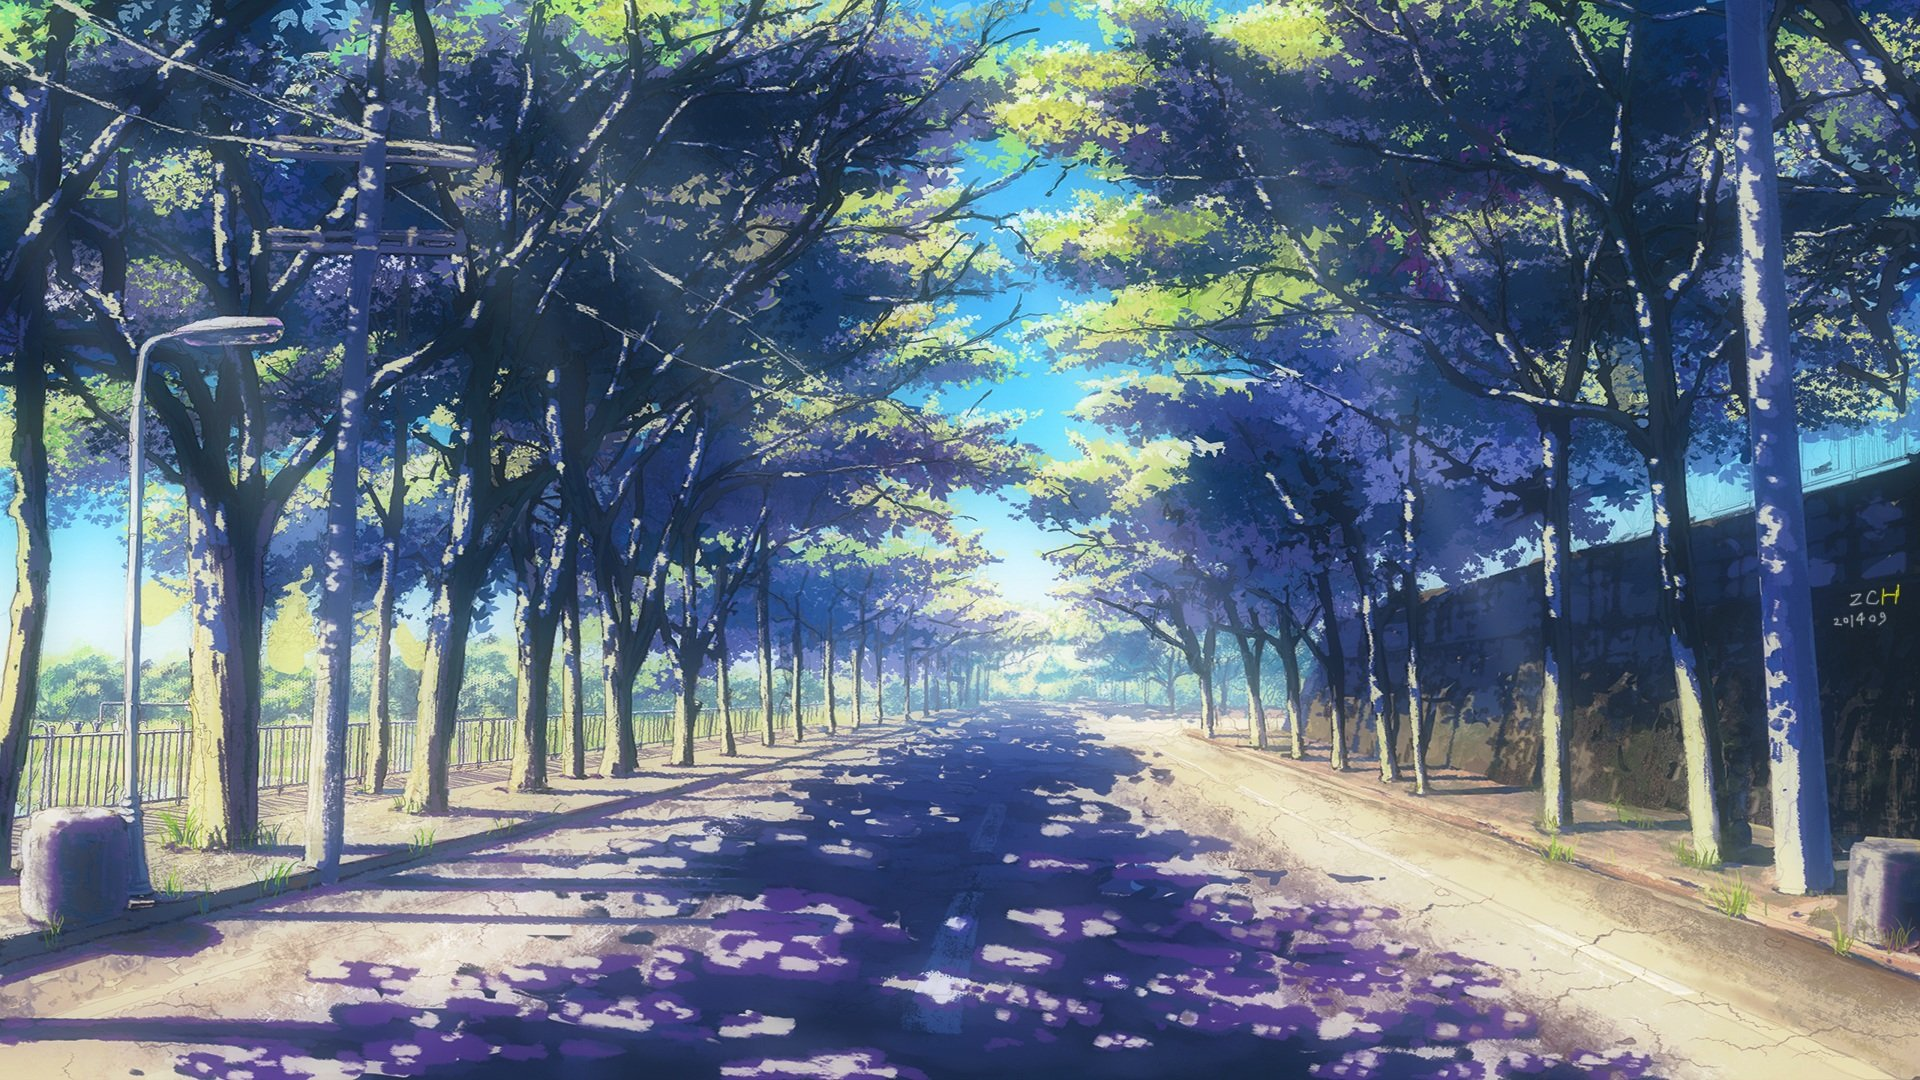 Fondo Animado Campo Parque Full Hd Animate Background: Summer Landscape Anime Wallpaper